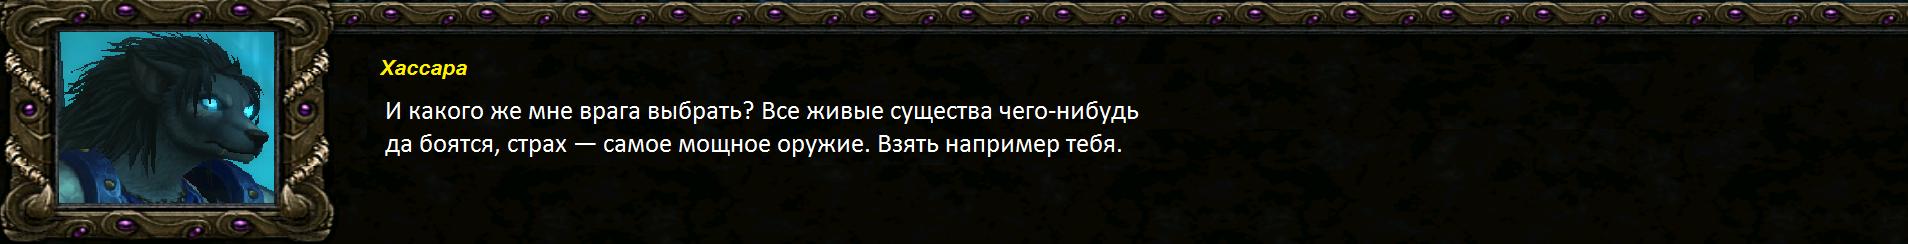 Дк шаблон реборн 15.13